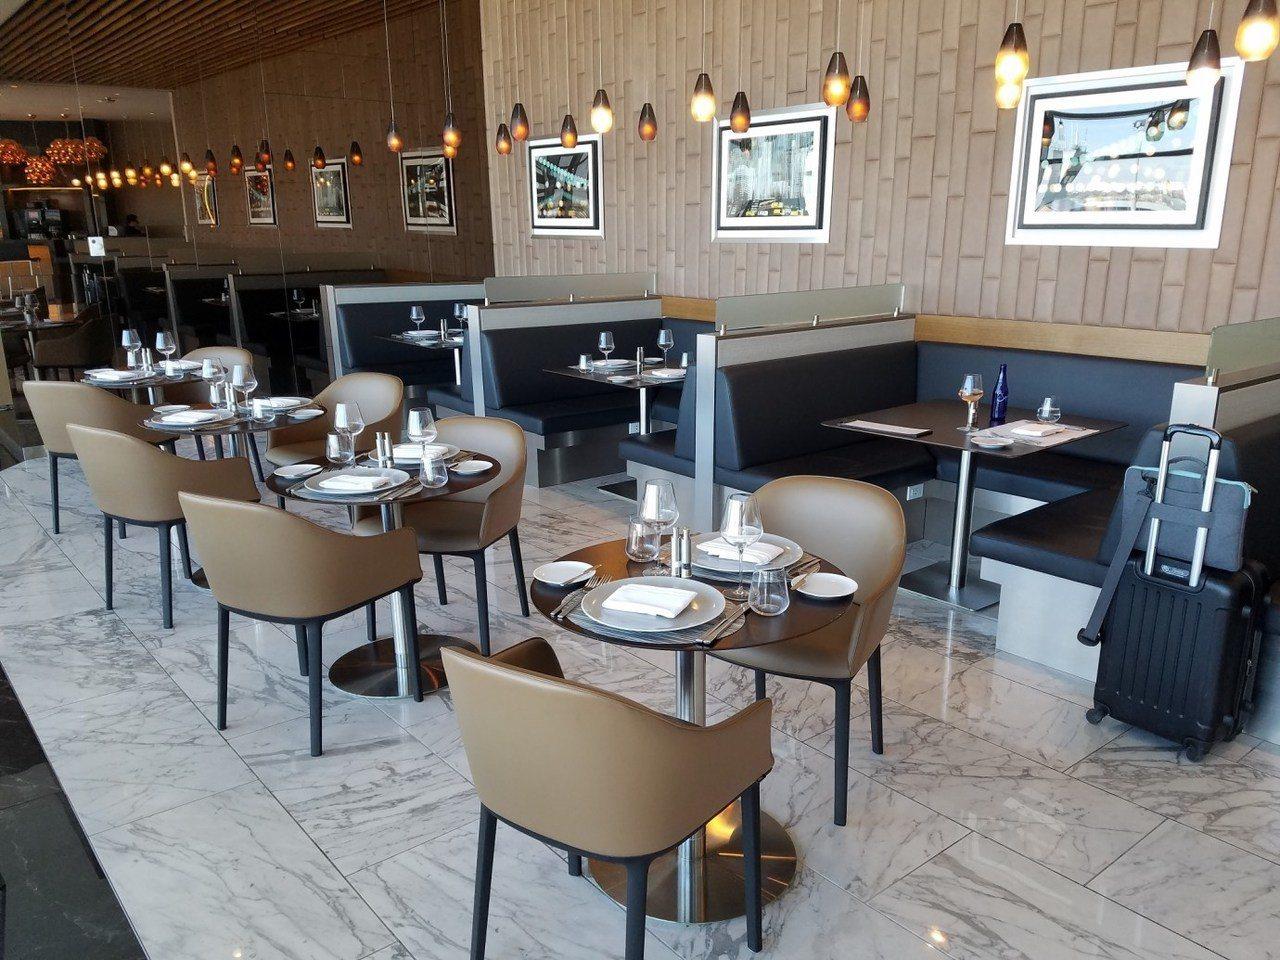 擺放整齊的用餐區,看起來就像高級餐廳一樣 圖文來自於:TripPlus